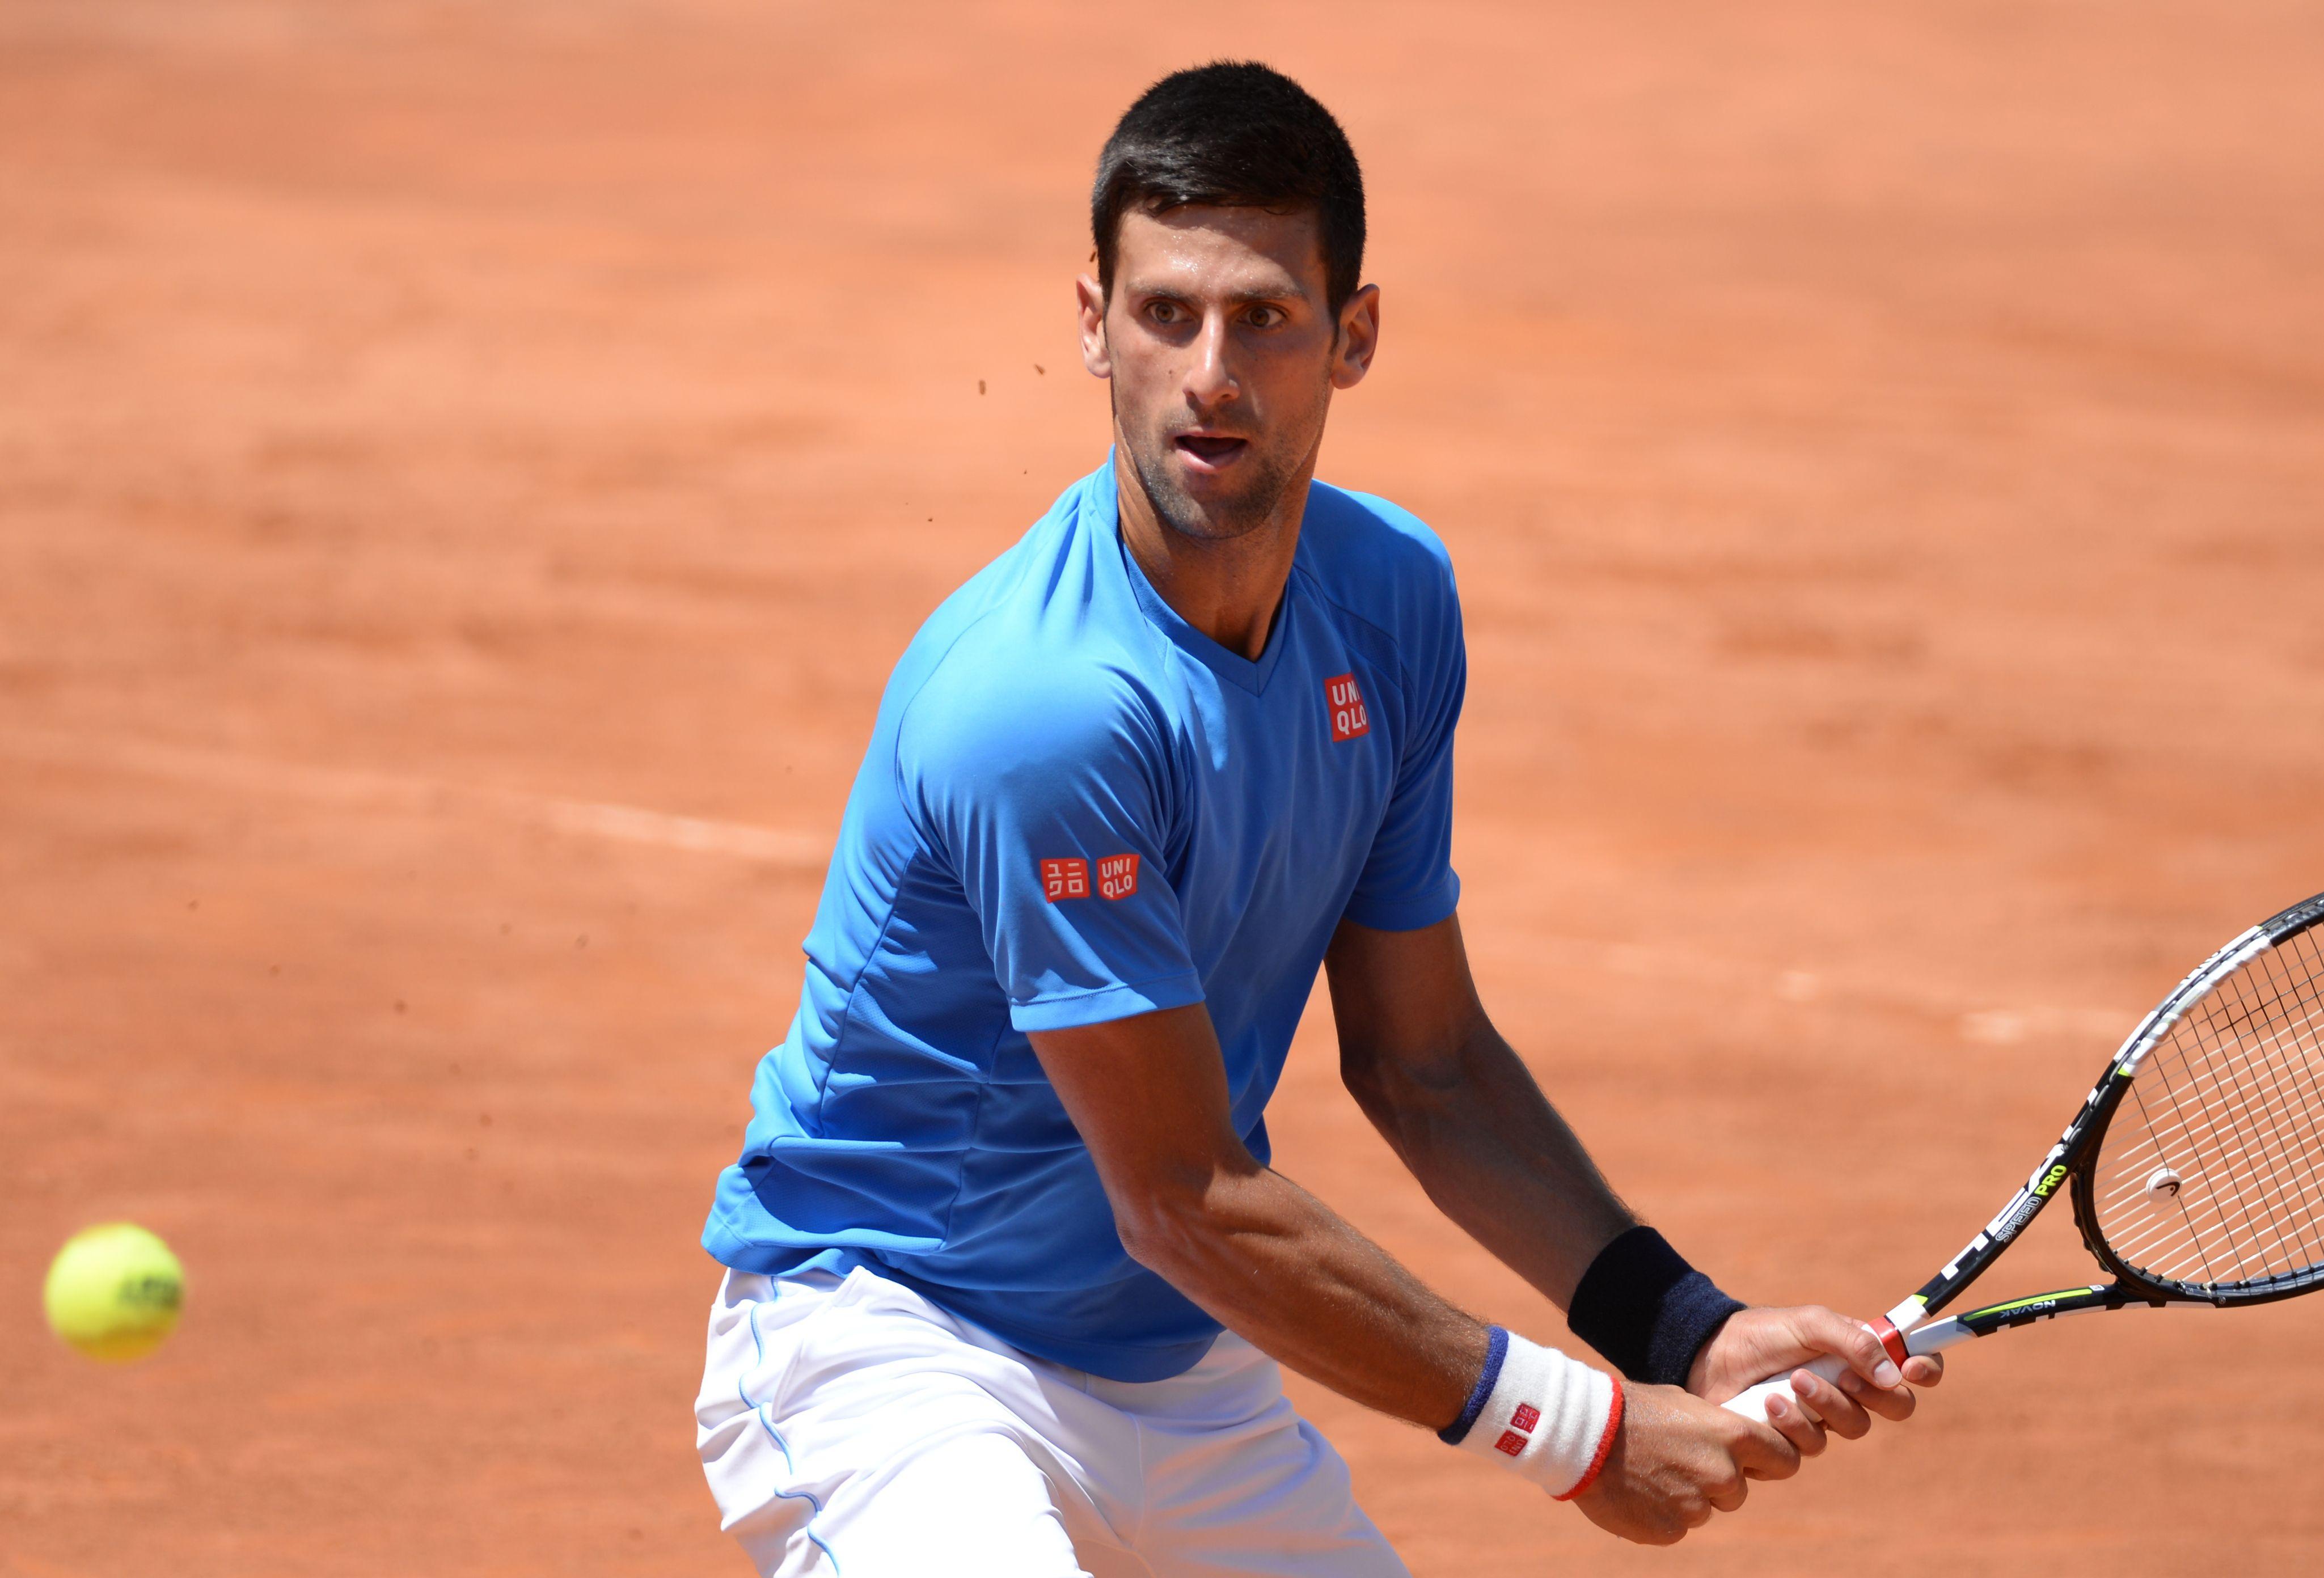 Djokovic campeón Masters 1000 de Paris